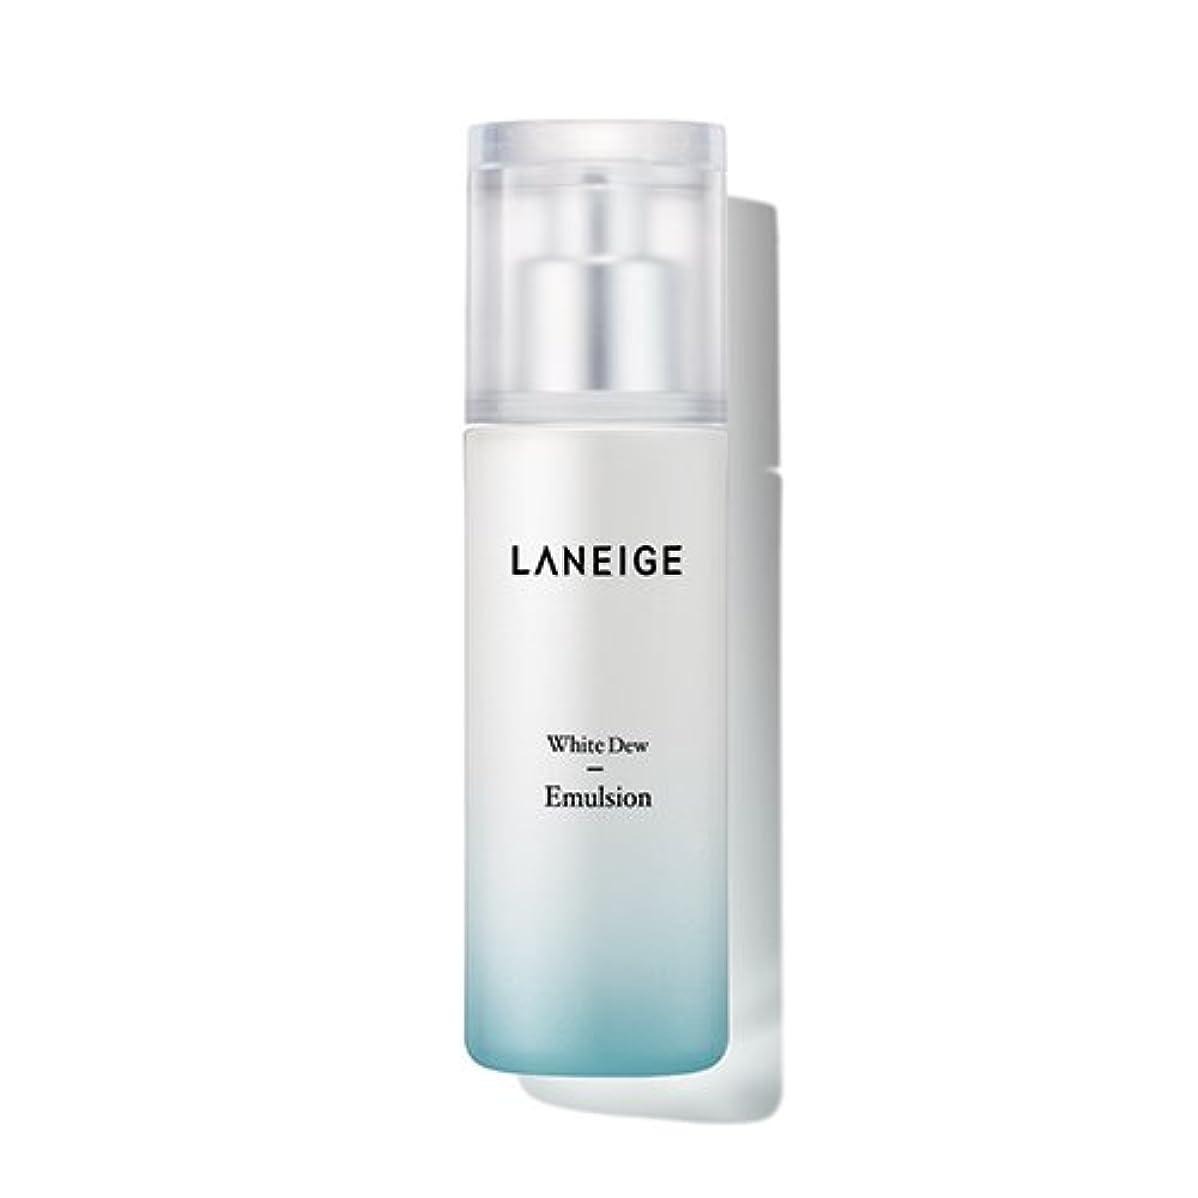 一方、スペードタック[ラネージュ] LANEIGE ホワイトデューエマルジョン White Dew Emulsion(海外直送品) [並行輸入品]